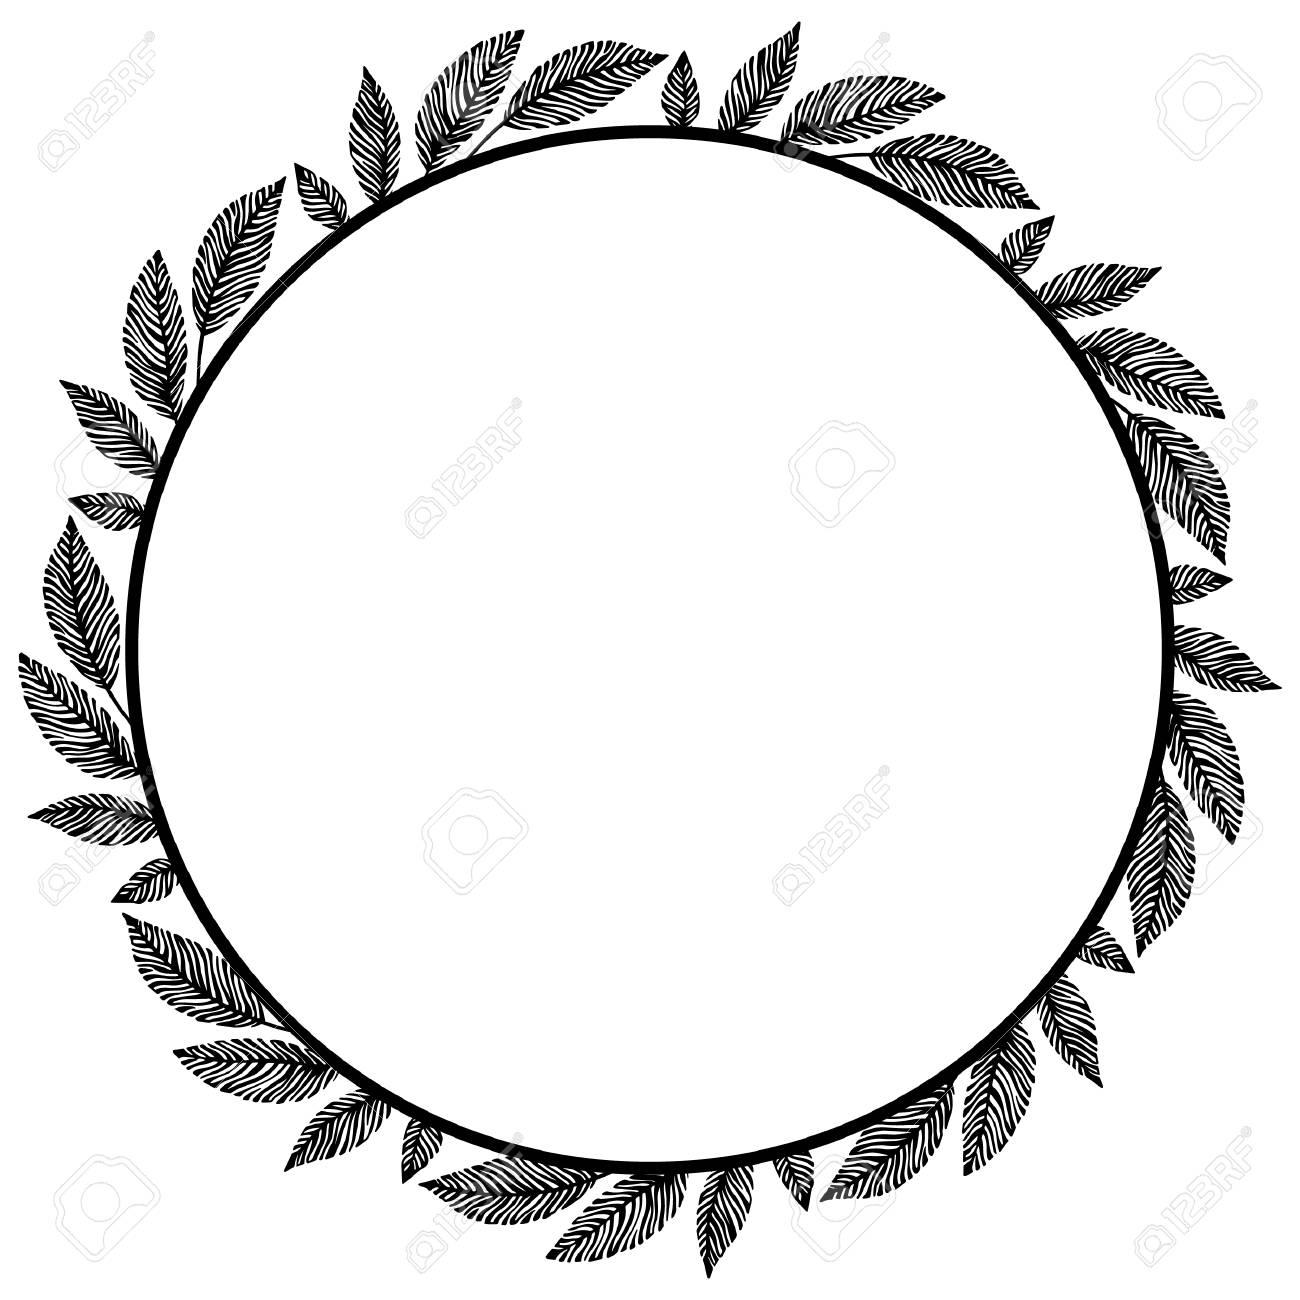 Marco De Círculo De Vector, Corona Hecha De Ramas. Decoración Del ...